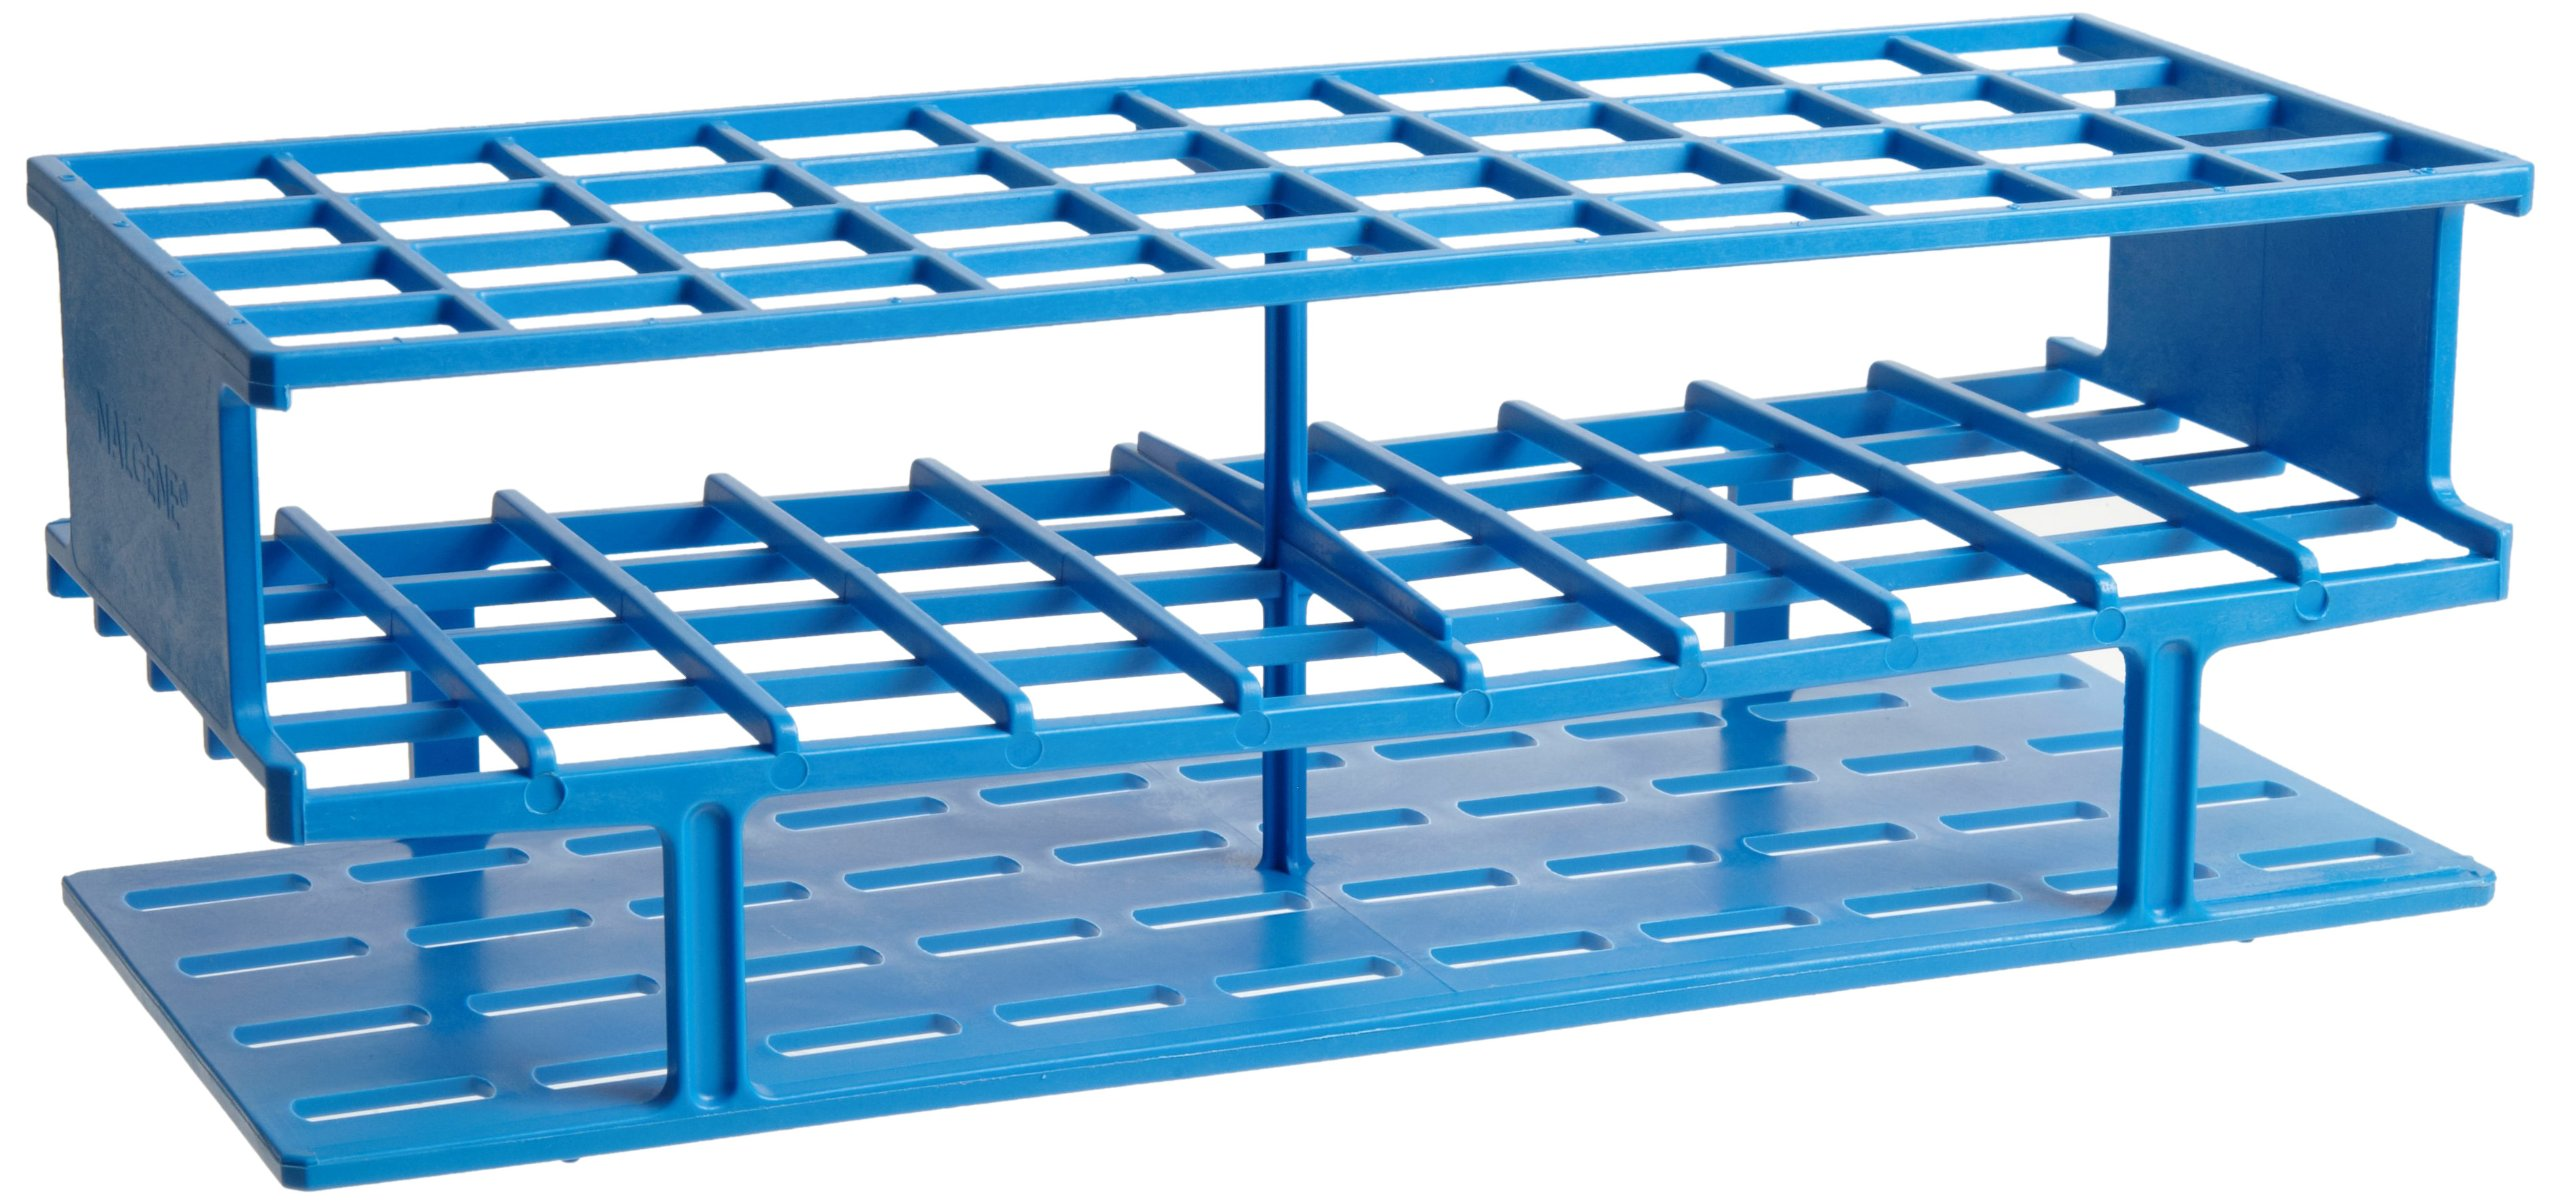 Nalgene 5970-0320 Acetal Plastic Unwire Test Tube Rack for 20mm Test Tubes, Blue by Nalgene